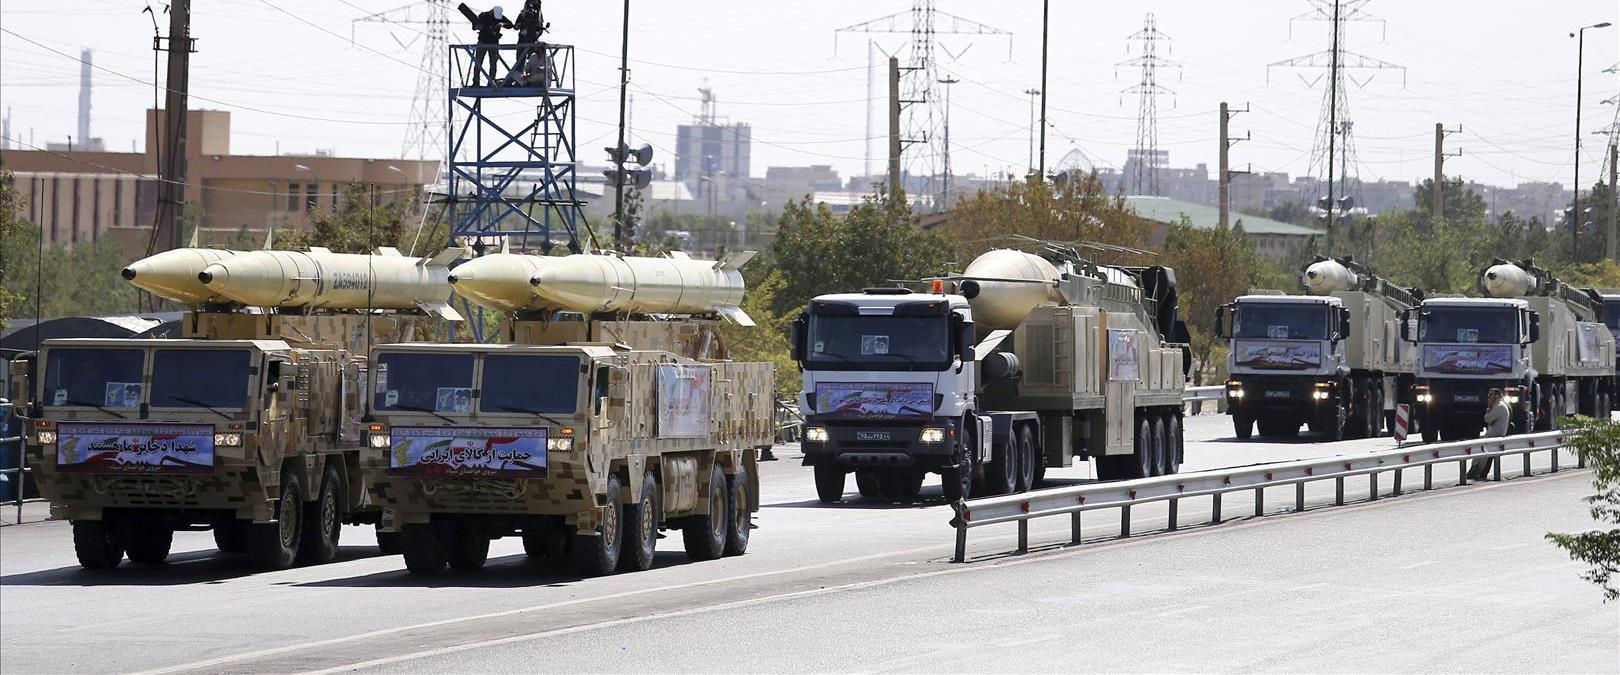 טילים מוצגים במצעד צבאי באיראן, 2018